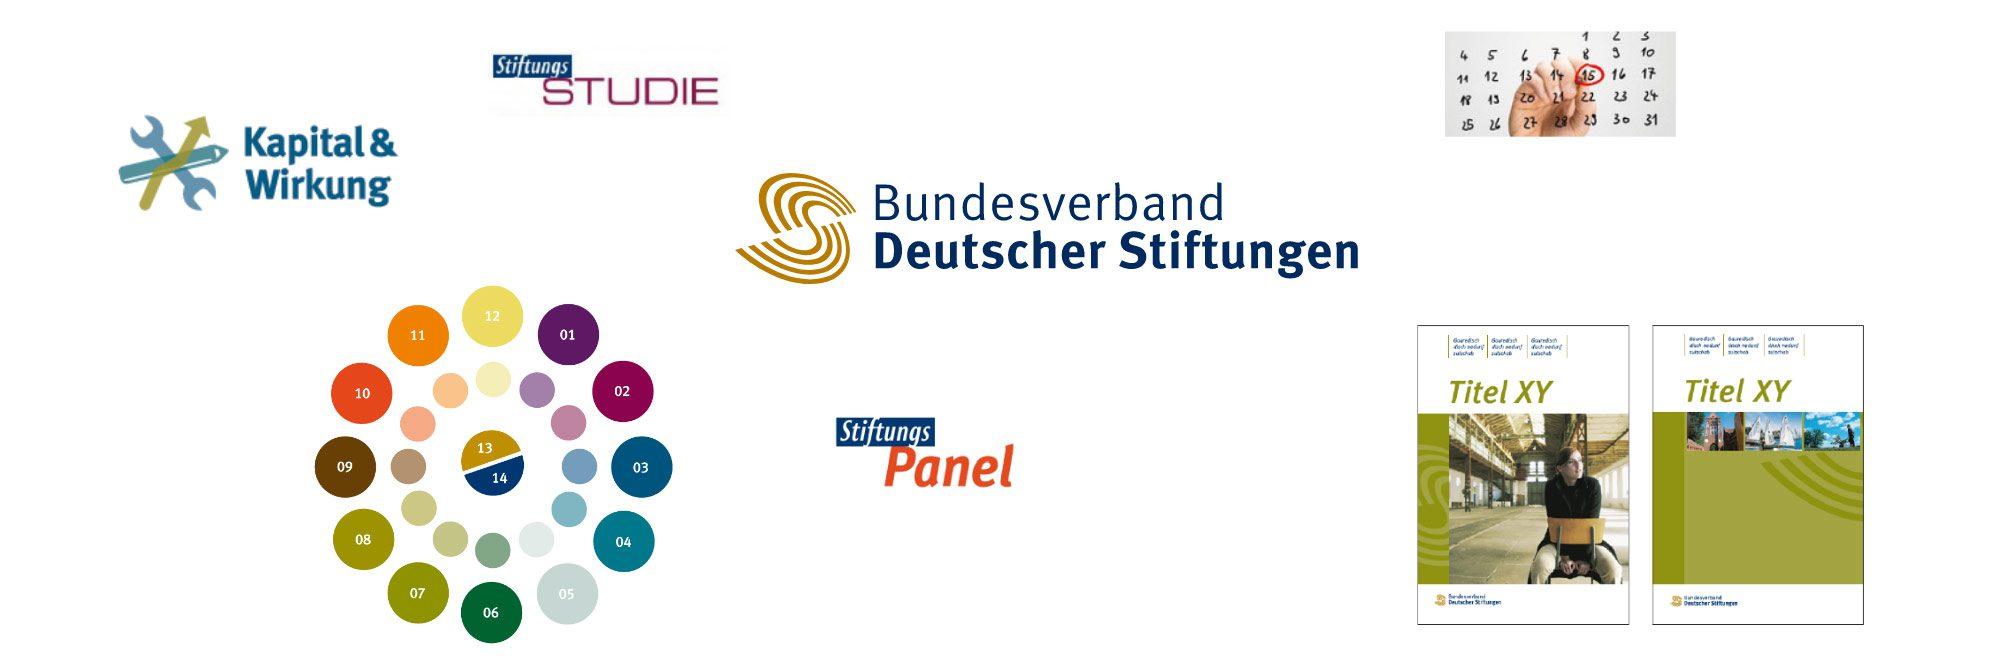 Ausgangssituation – Corporate Design für Bundesverband Deutscher Stiftungen